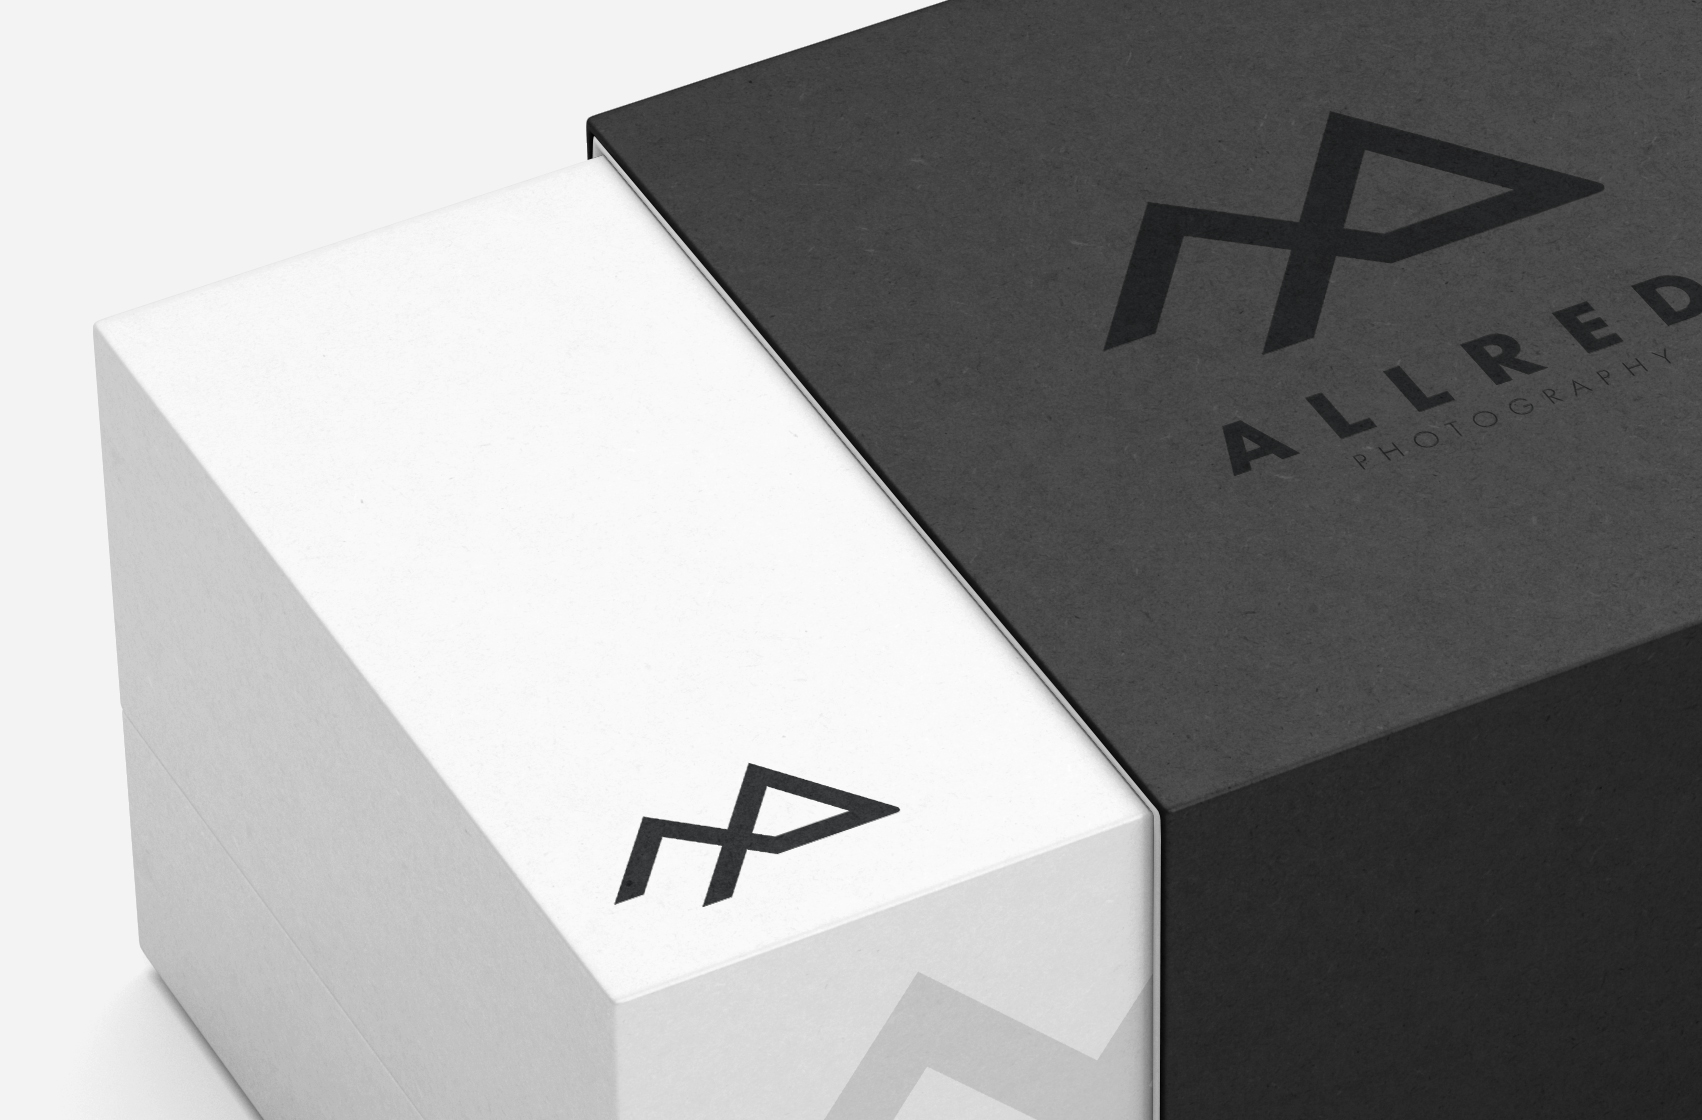 AP_Box.jpg